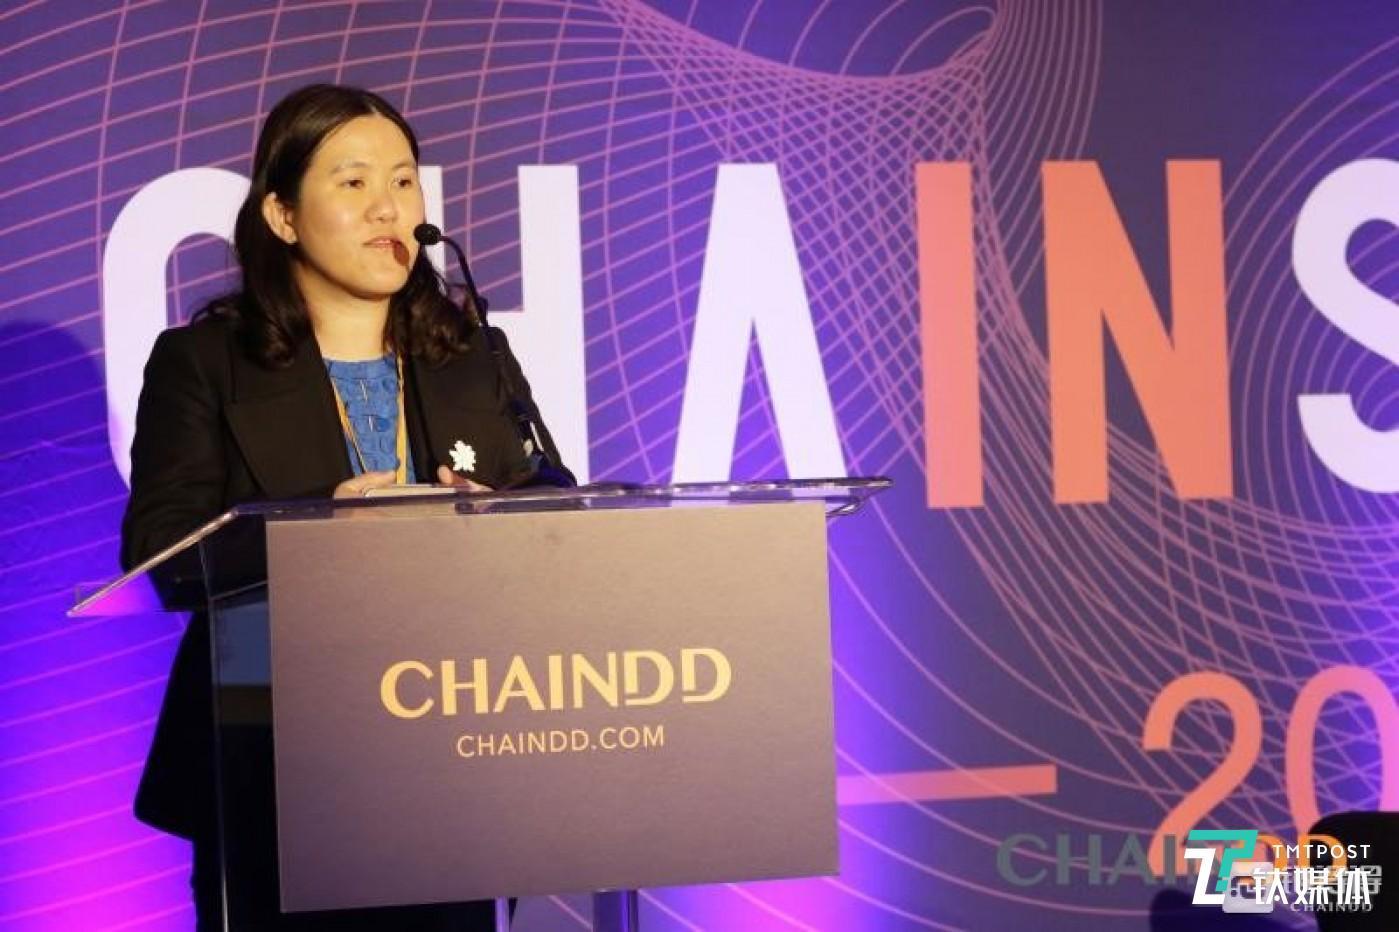 ChainDD 美国创始合伙人Catherine Li